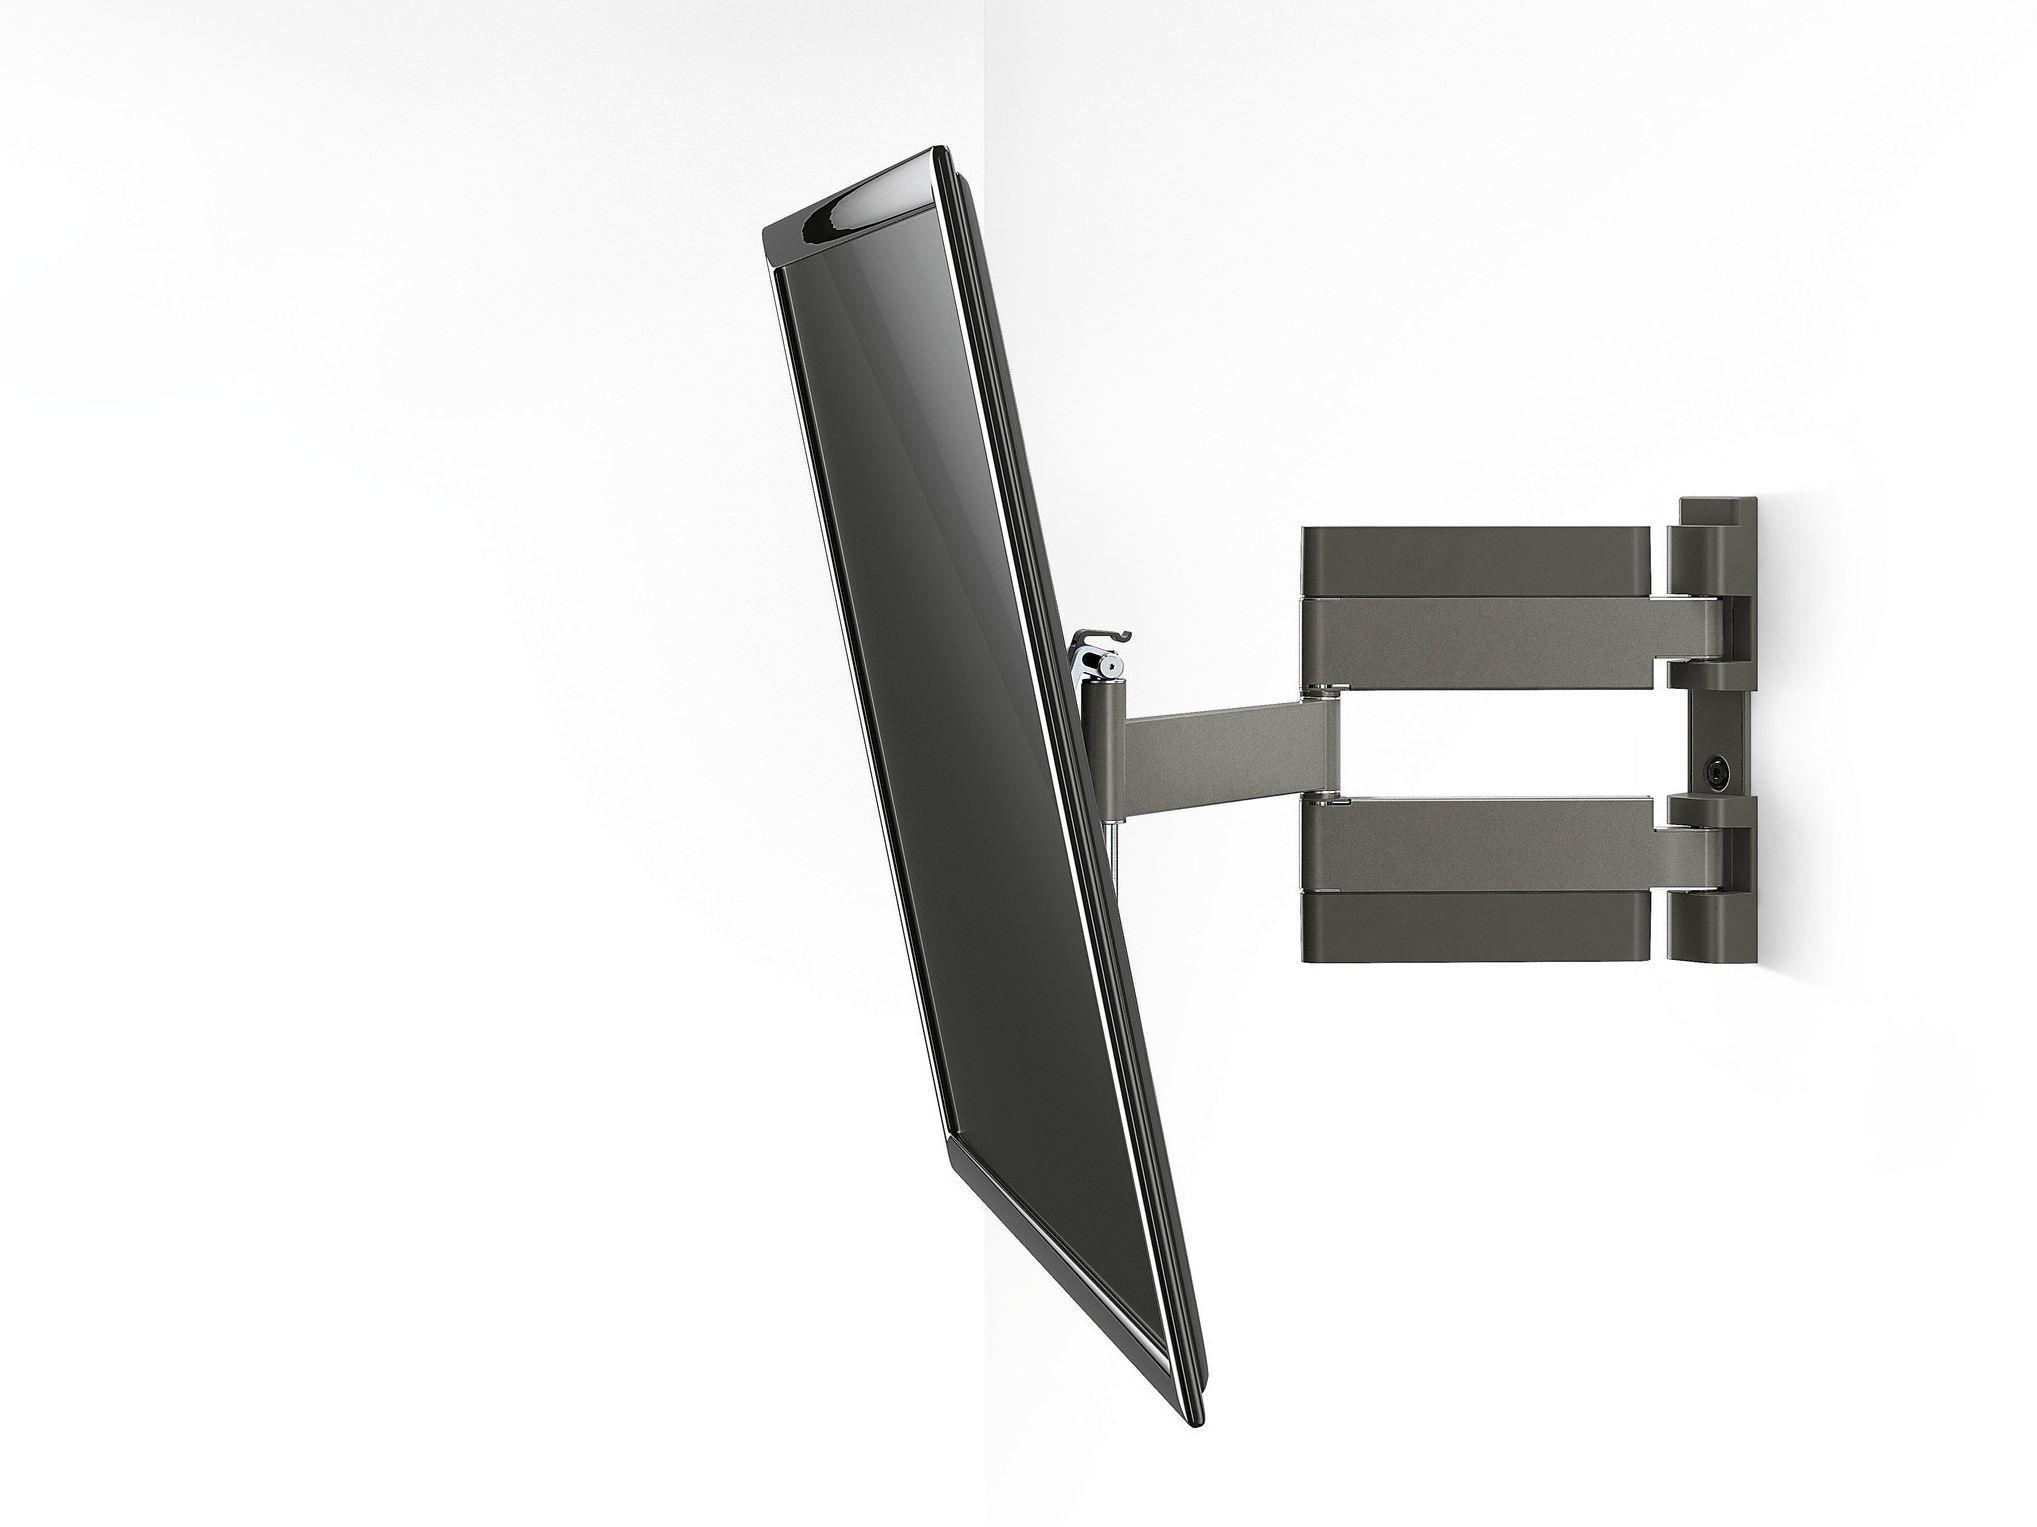 Supporto per monitor tv da parete thin 245 serie thin by - Supporto tv da parete ...